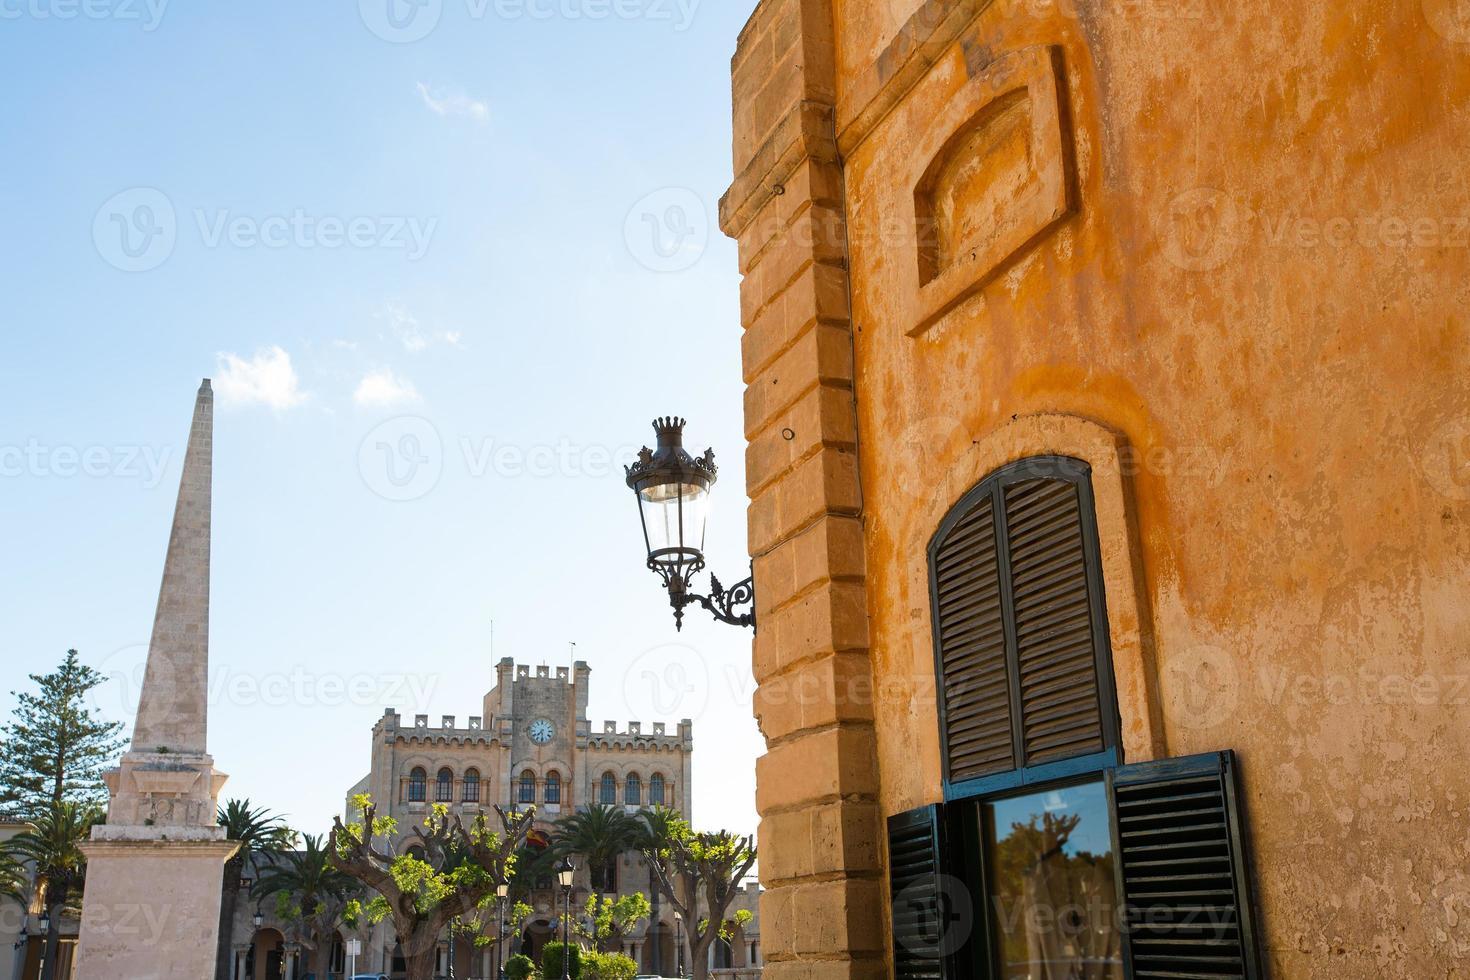 Ciutadella menorca placa des né dans le centre-ville de ciudadela photo